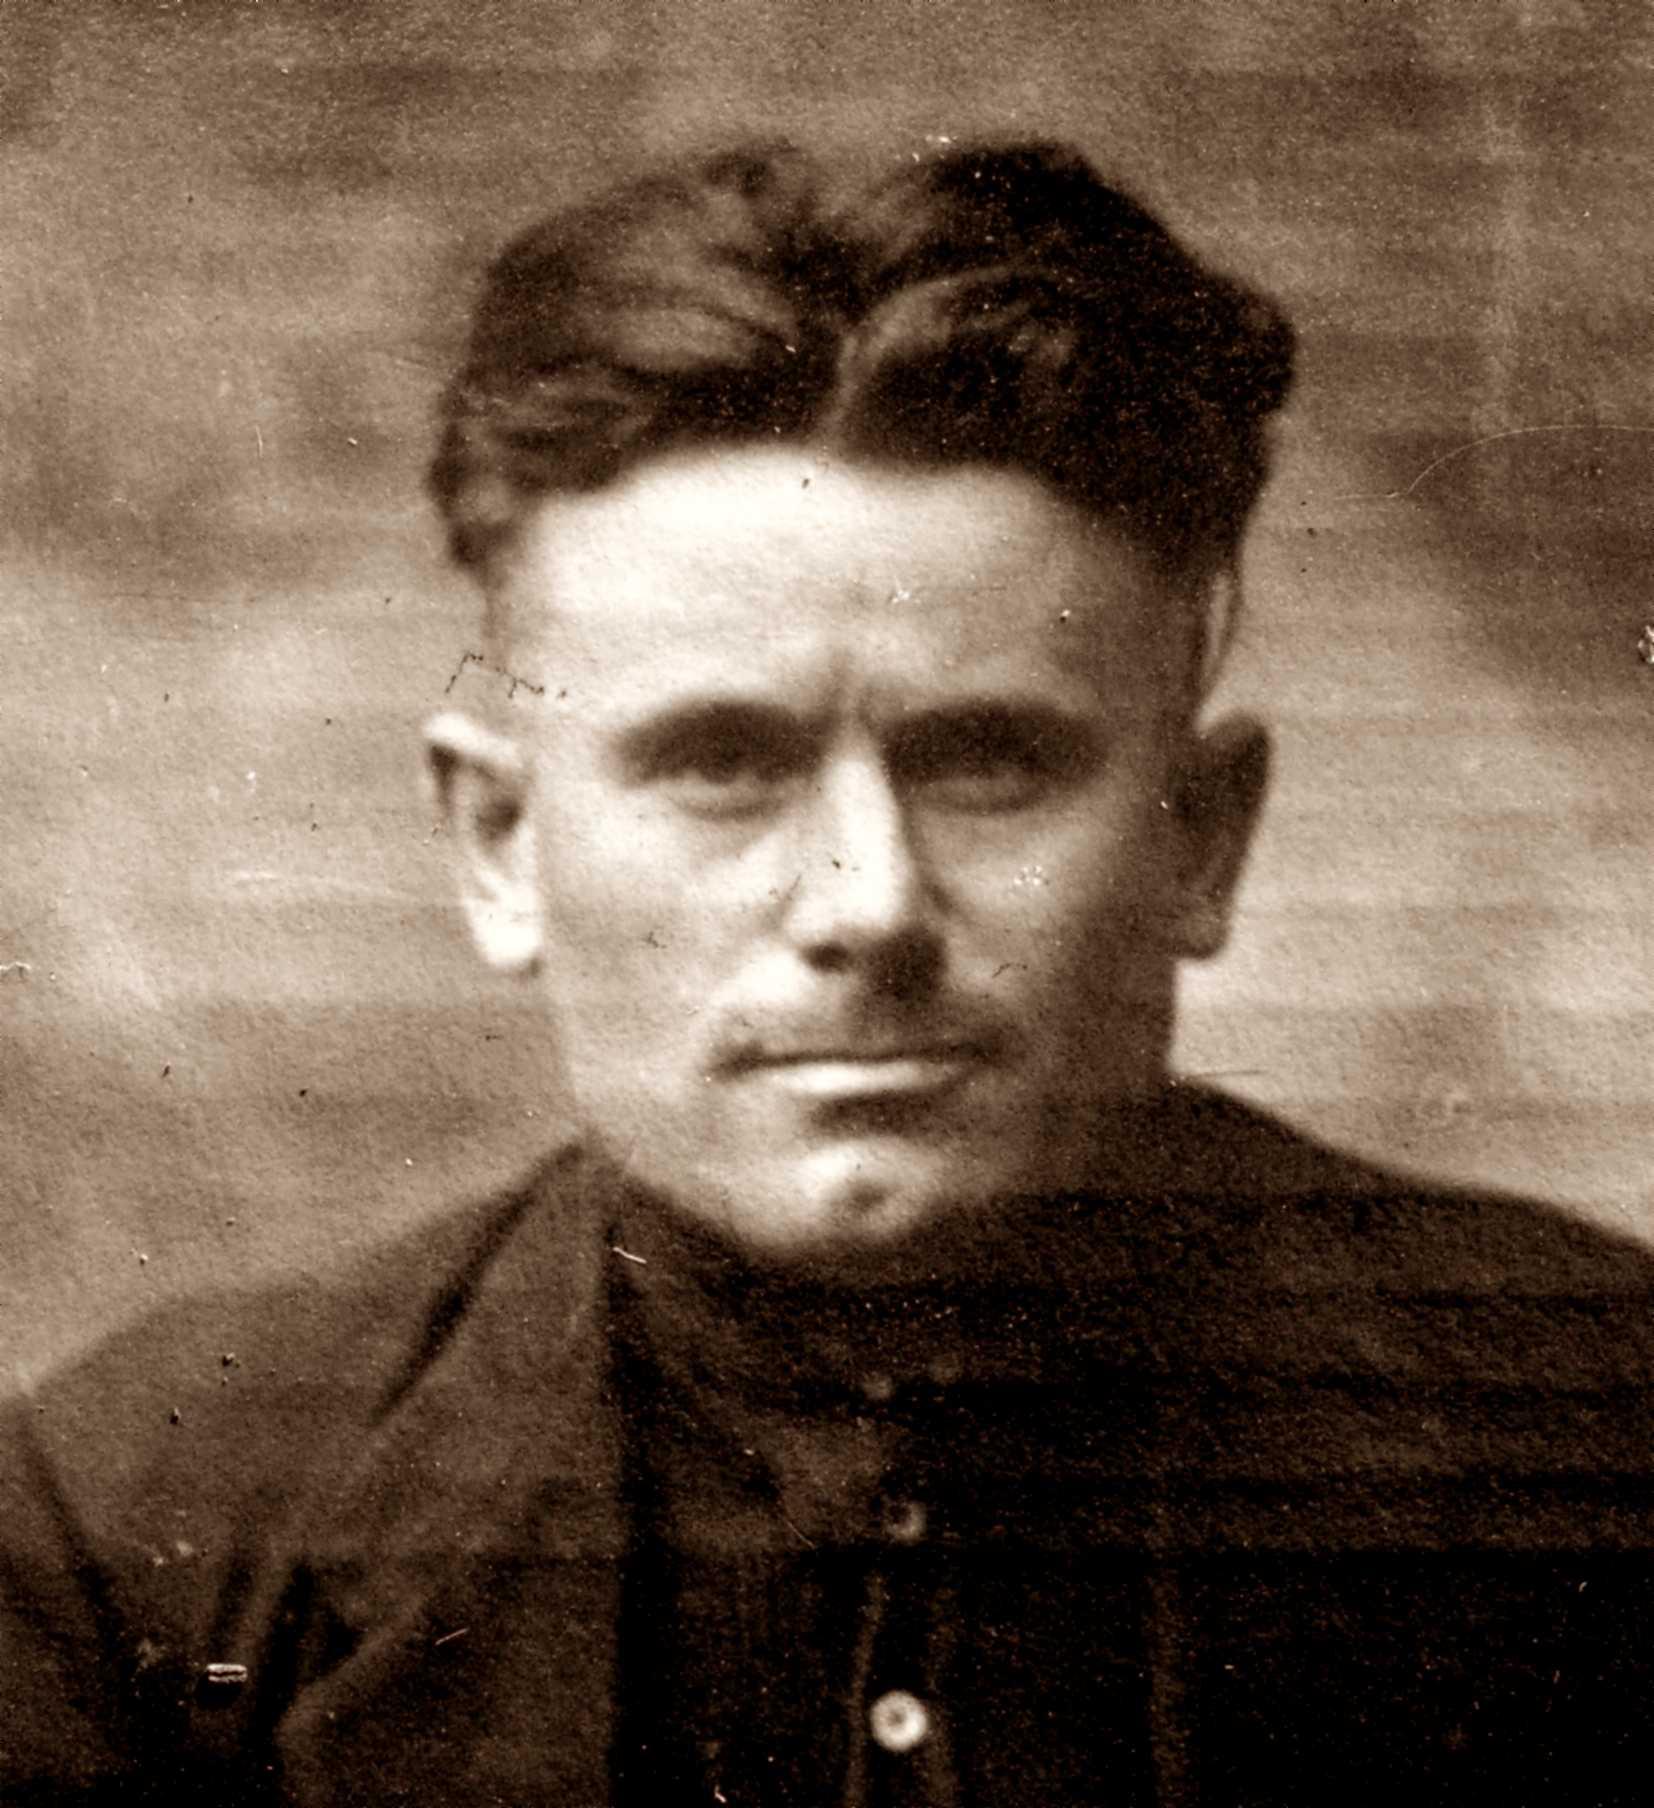 Vincenzo Chiossi